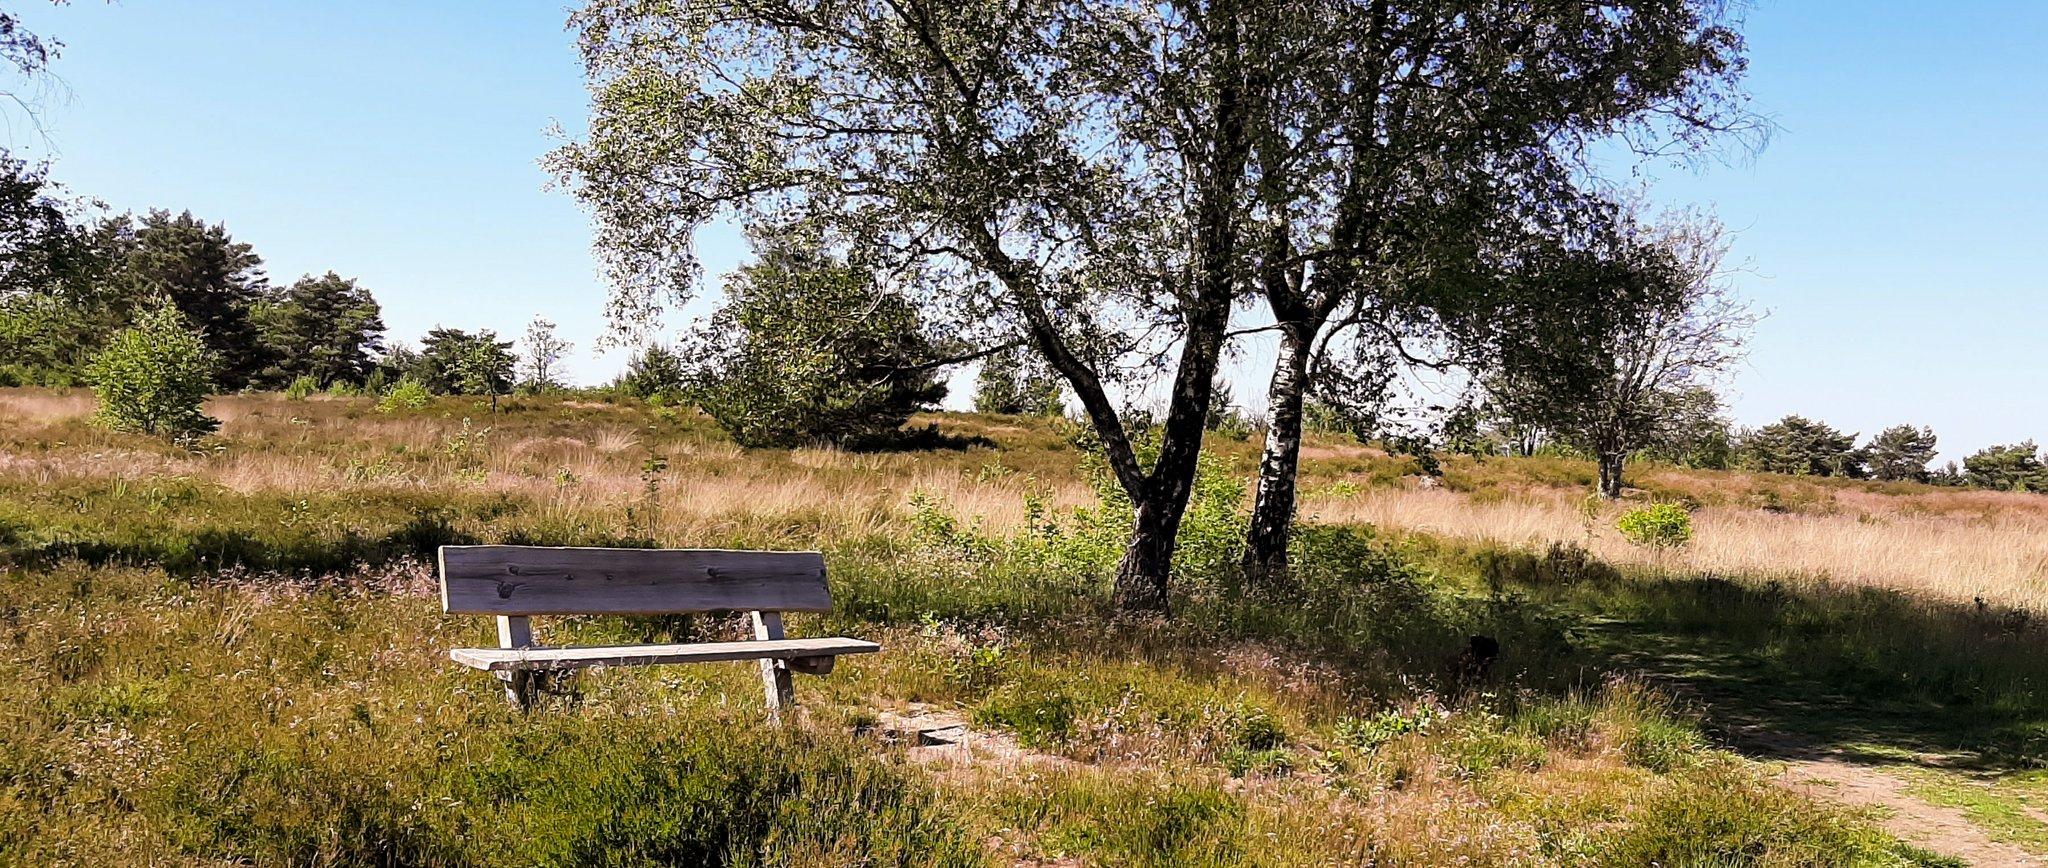 rt-evelienengelage-genieten-op-het-wandelbankjes-op-het-houtdorperspeulderveld-https-t-co-faffnowi3c